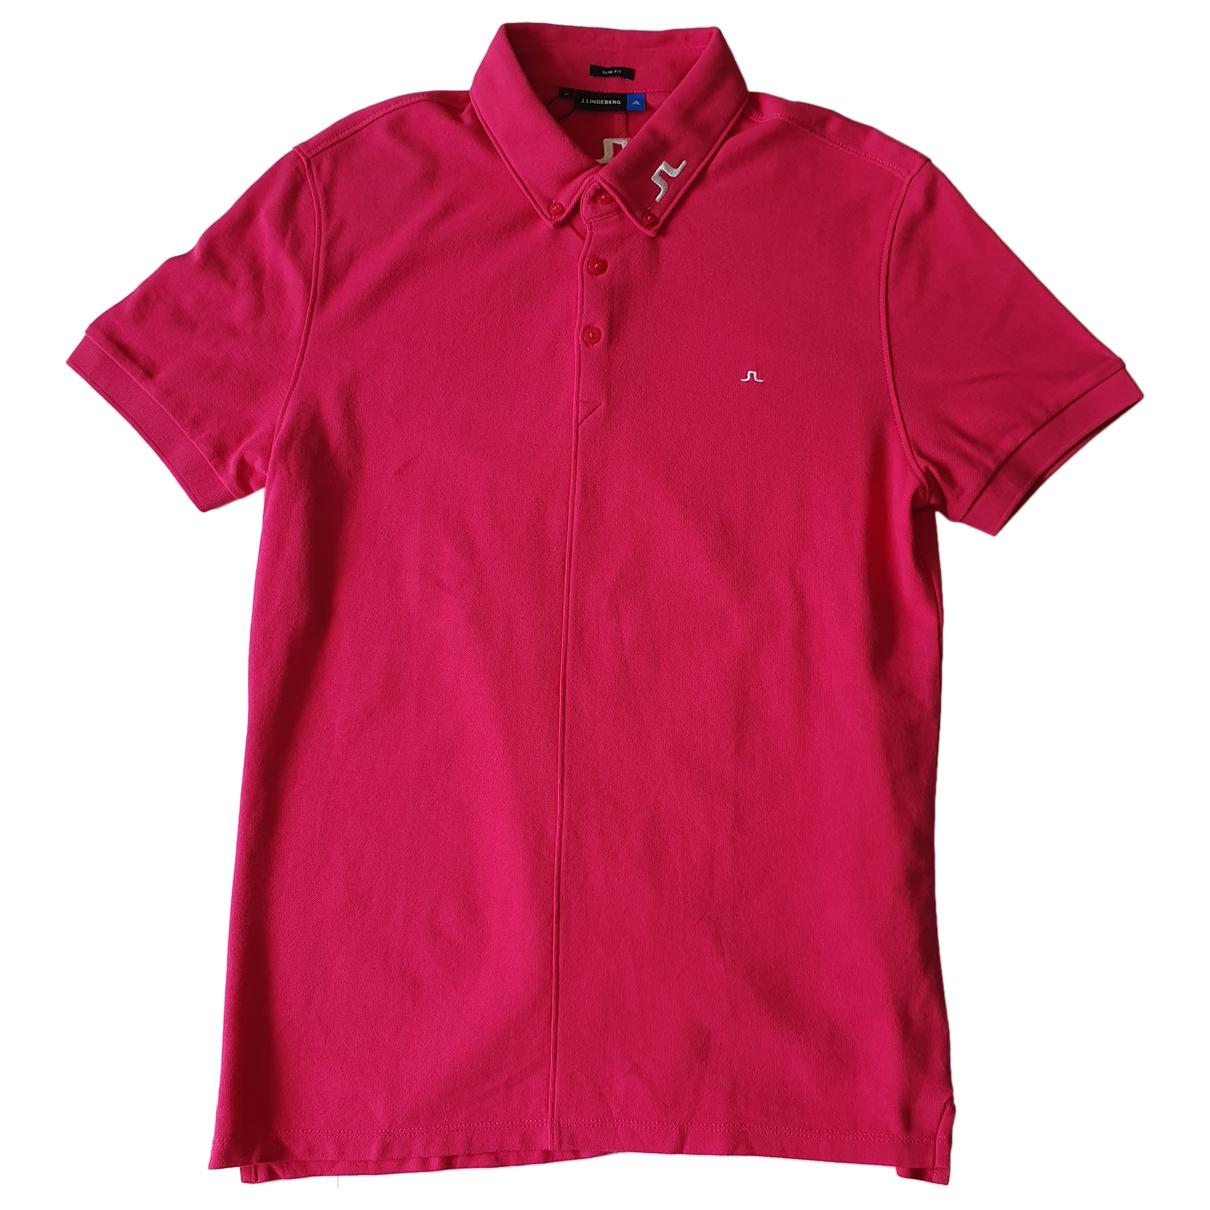 J.lindeberg - Polos   pour homme en coton - rose